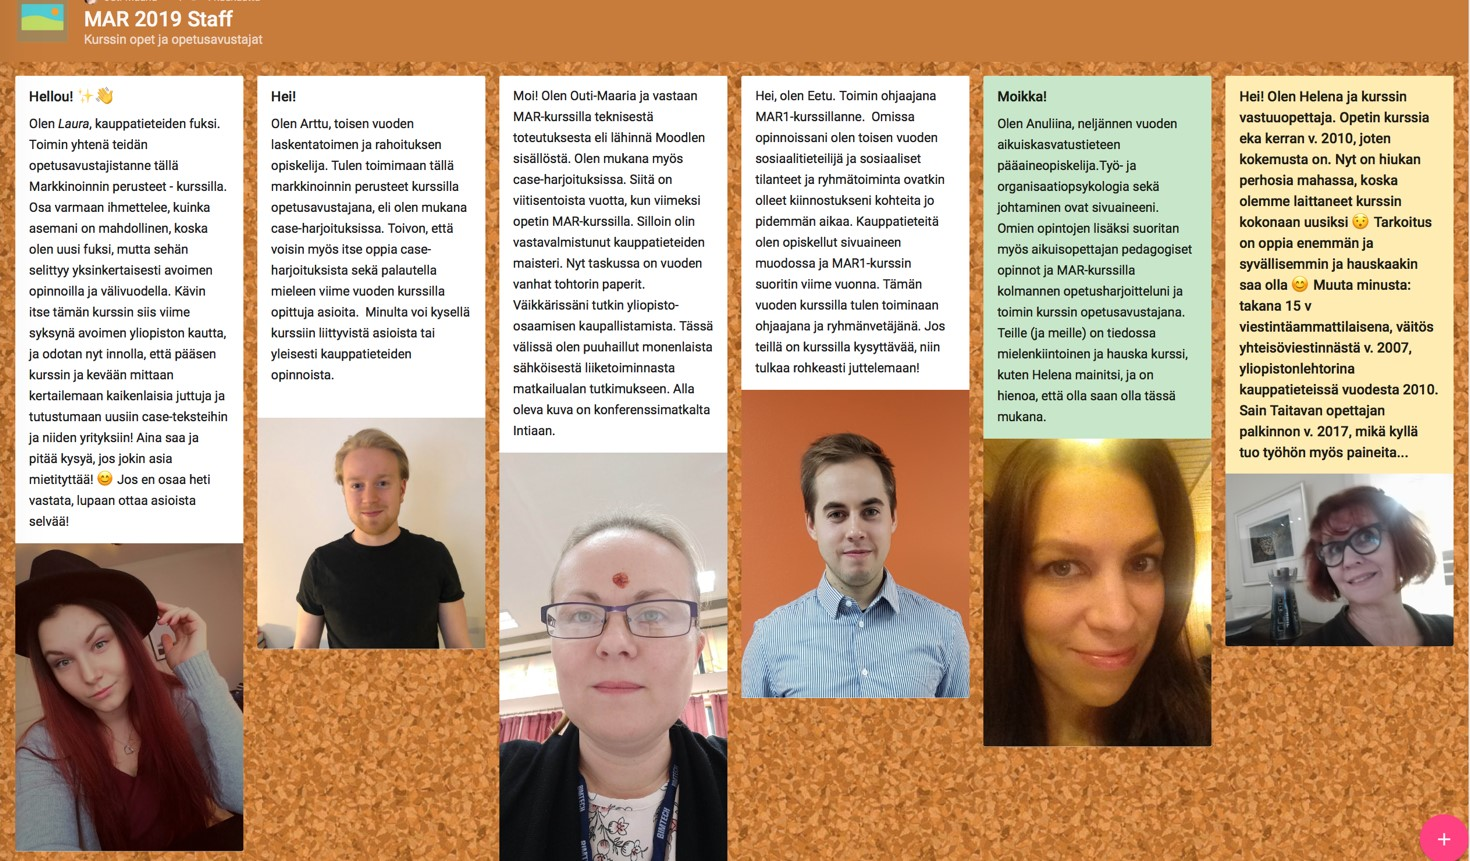 kuvassa on ohjaajatiimin jäsenten kuvat ja lyhyet esittelyt